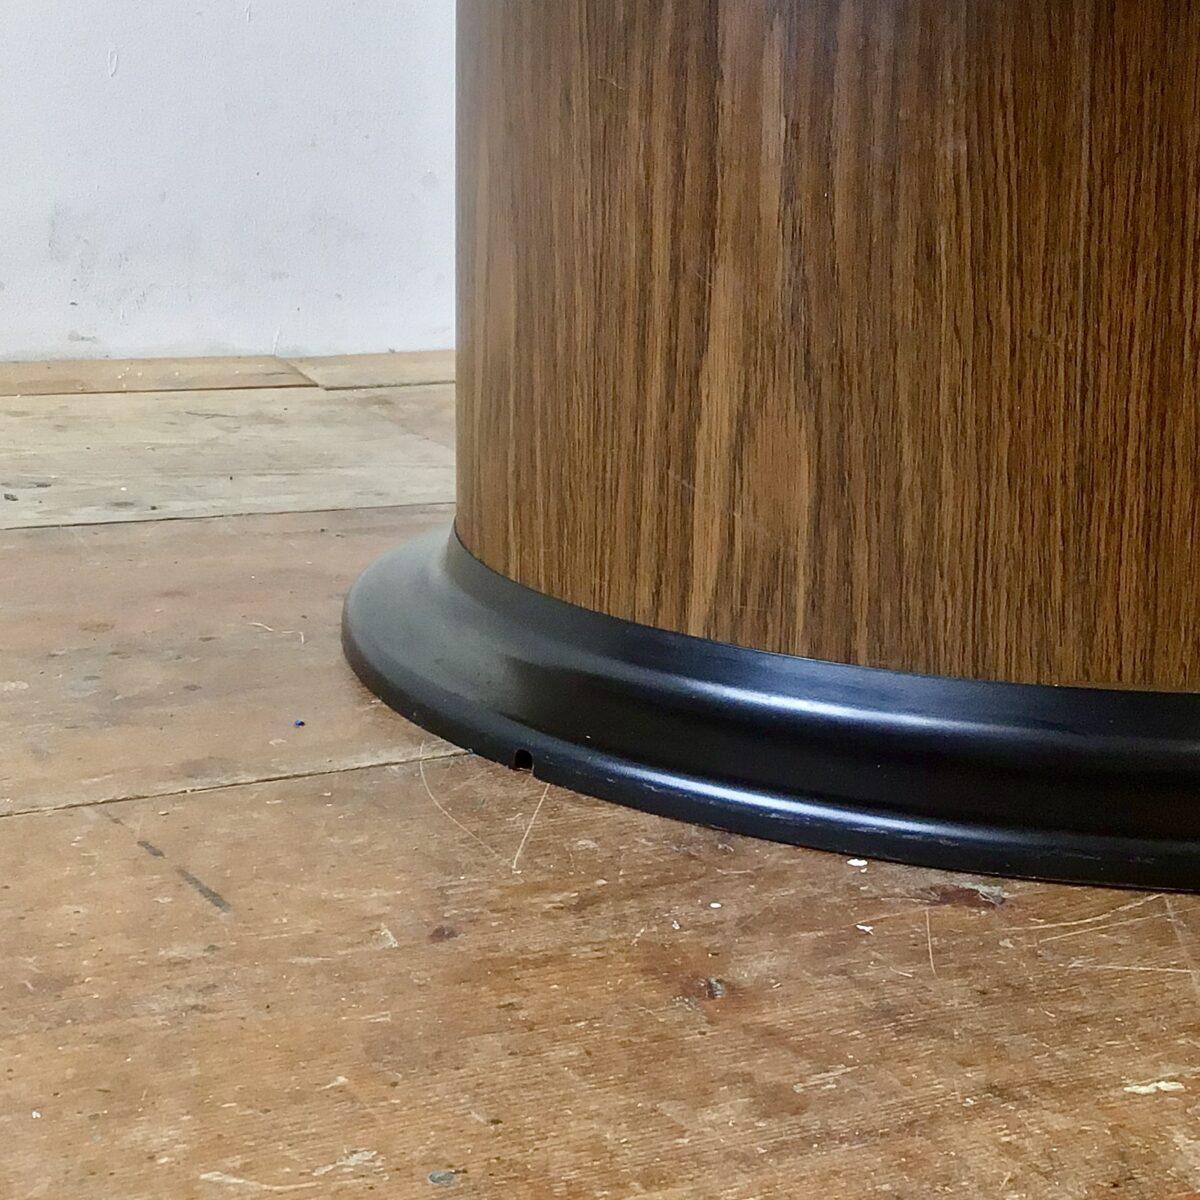 Runder Salontisch mit integriertem Barschrank. Durchmesser 115cm Höhe 49cm in geschlossenem Zustand. Der Tisch ist Eichenholz furniert und lackiert. Der integrierte Barschrank fährt Mittels Knopfdruck, mechanisch in die Höhe. Der Zylinder, mit den zwei Ebenen, ist drehbar und hat ausgiebig Platz für Flaschen und ein paar Gläser.